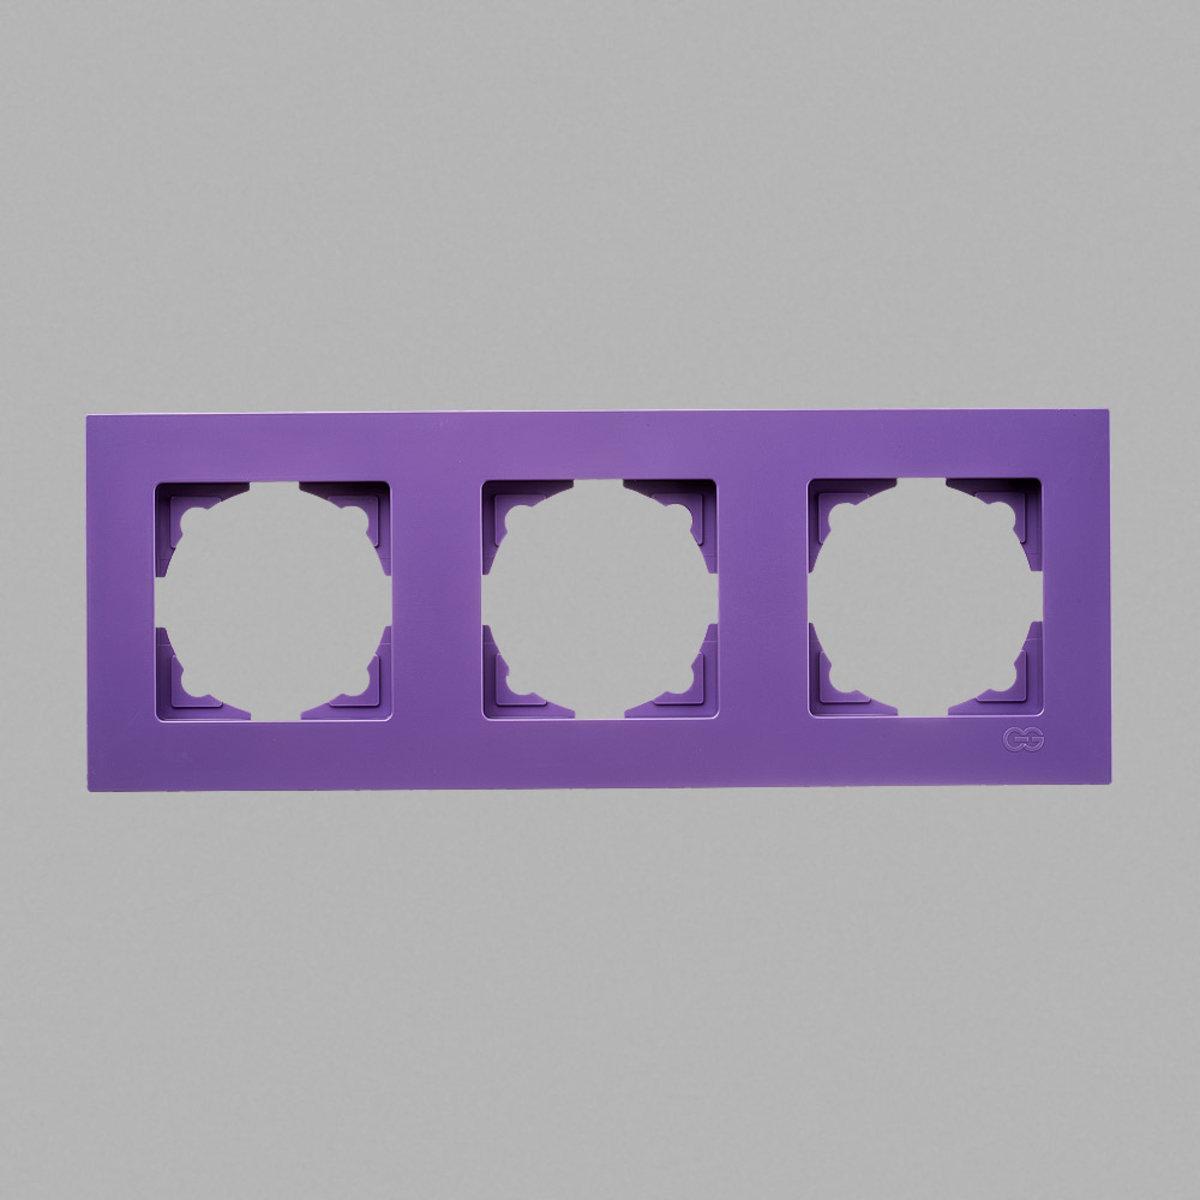 Eqona рамка 3-ая лиловая